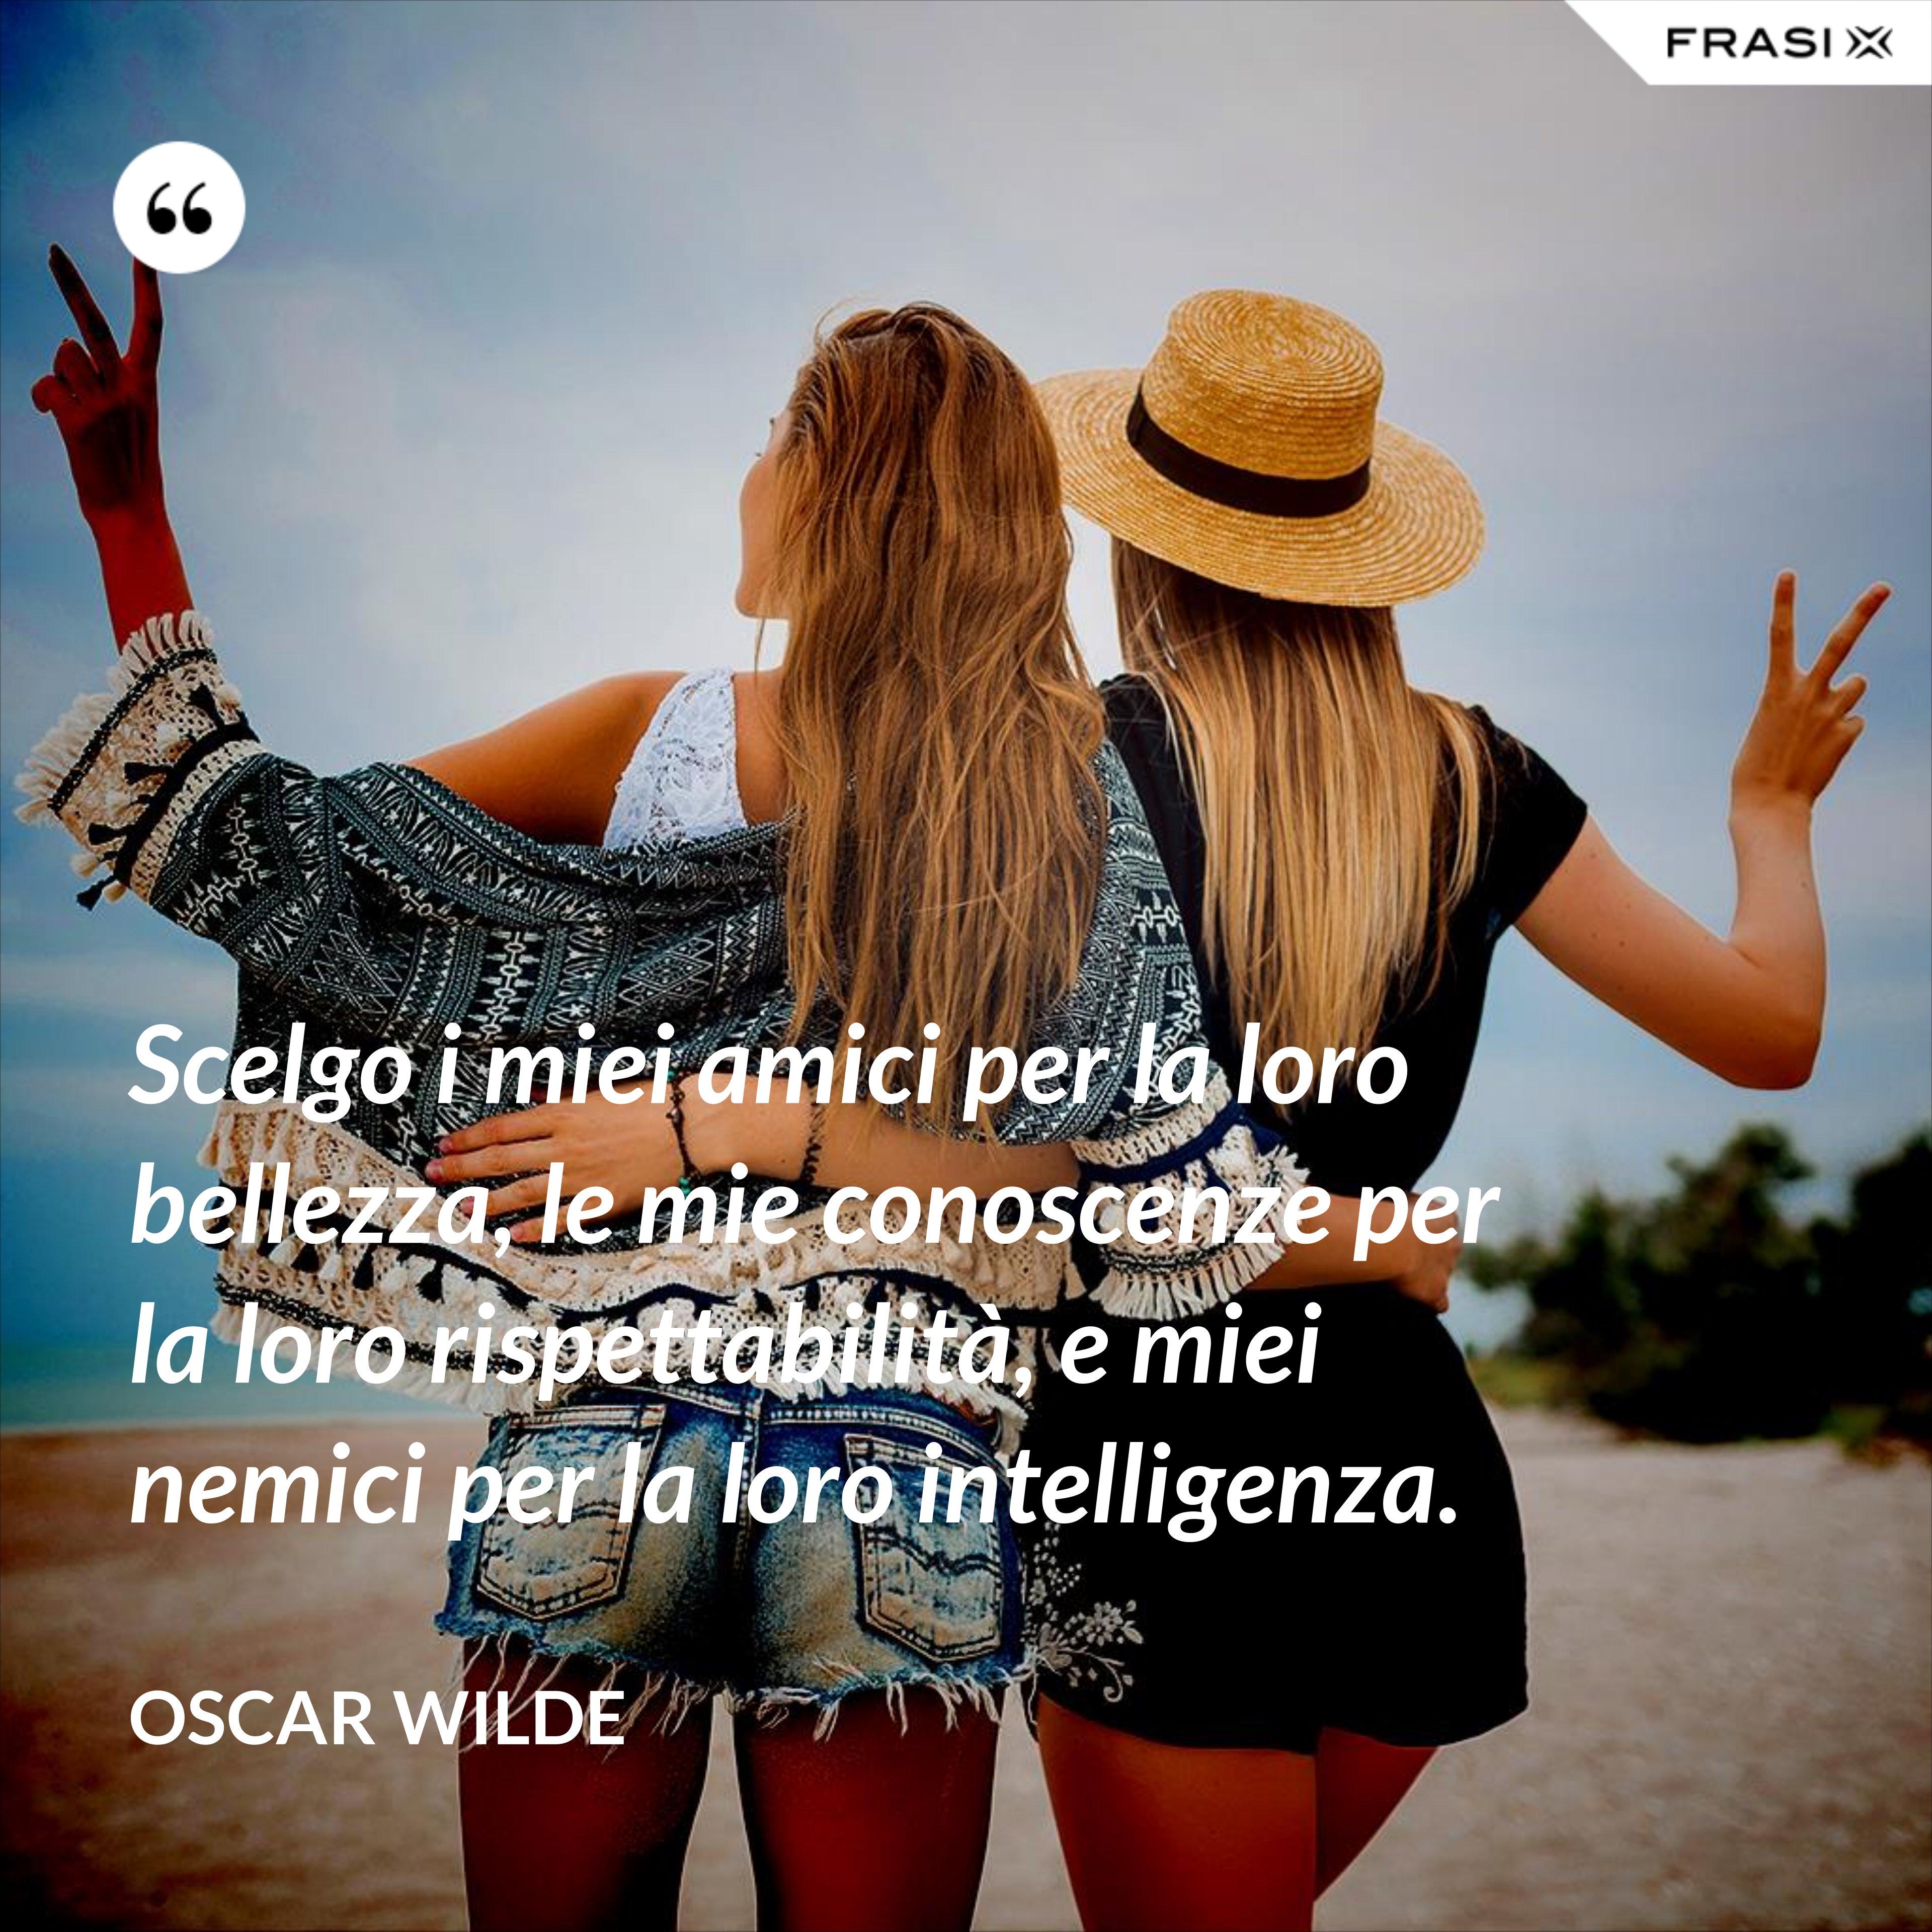 Scelgo i miei amici per la loro bellezza, le mie conoscenze per la loro rispettabilità, e miei nemici per la loro intelligenza. - Oscar Wilde